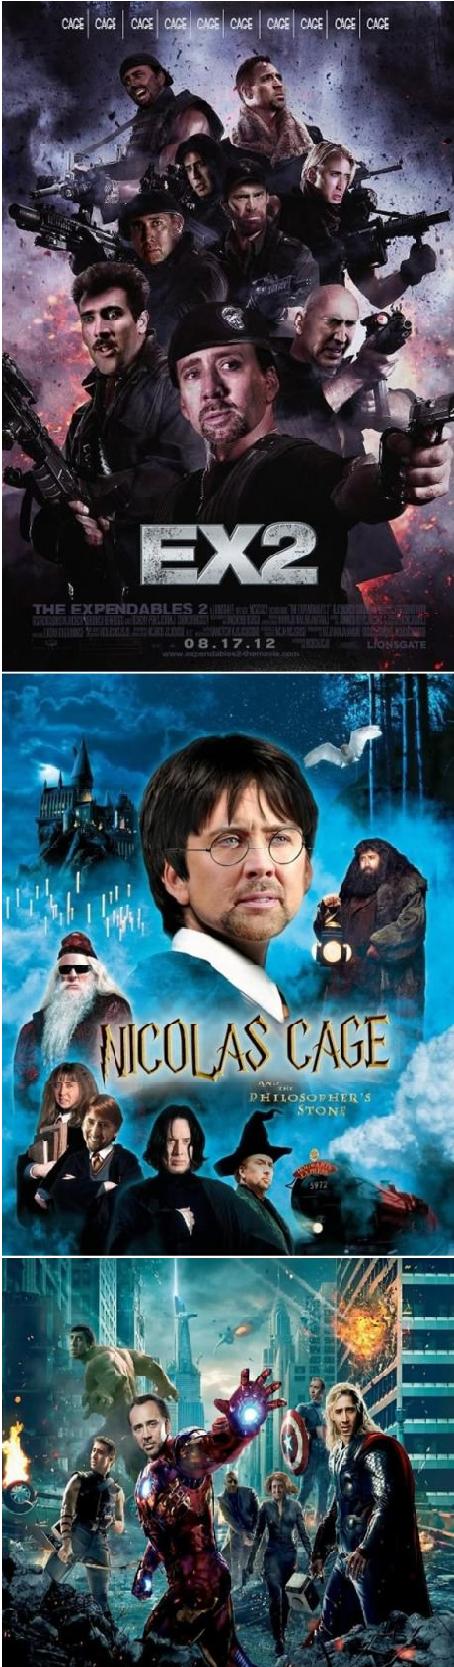 Nicholas cage in.... nicholas cage's new movies. nicholas cage lo